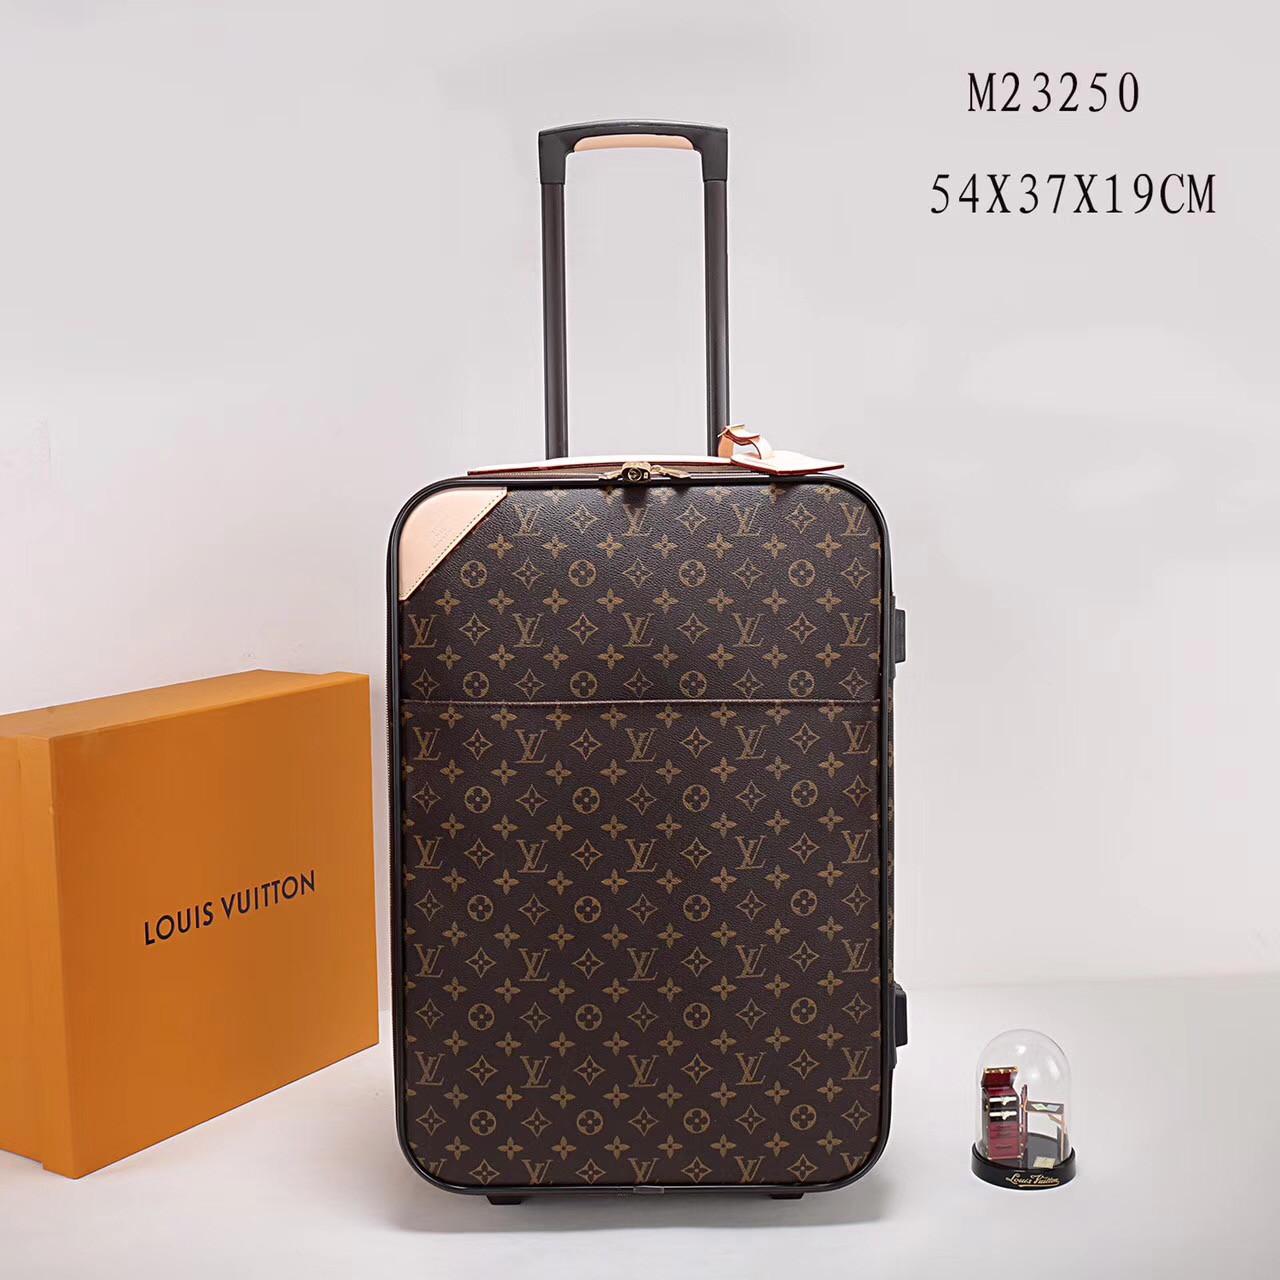 Дорожный чемодан на колесах Louis Vuitton купить недорого в интернет ... 285d055f2a1